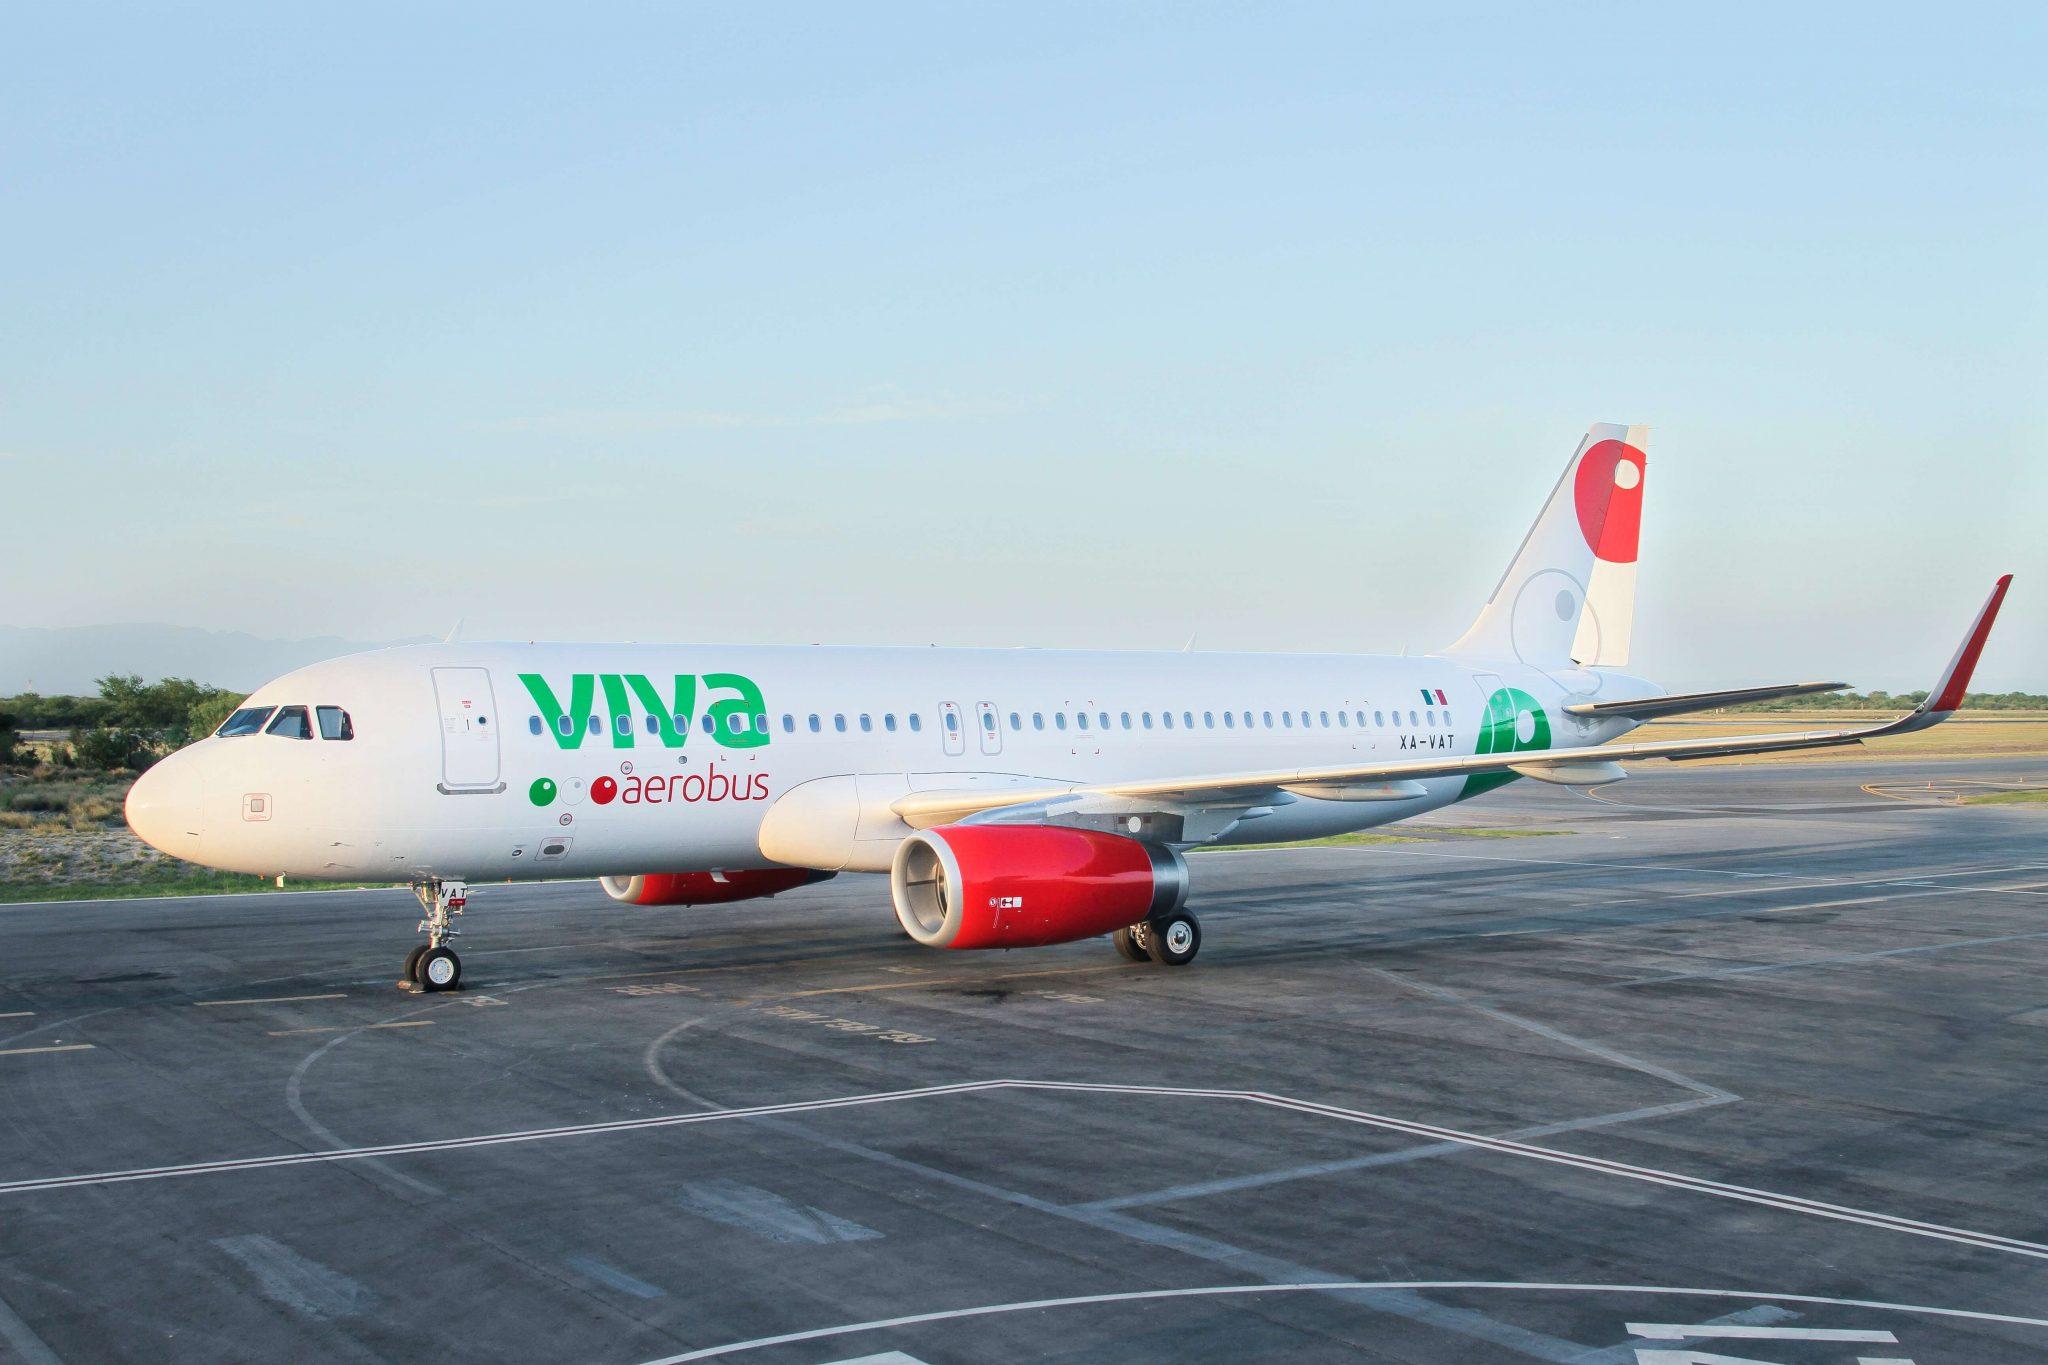 Viva Aerobus obtiene recursos superiores a US200 millones